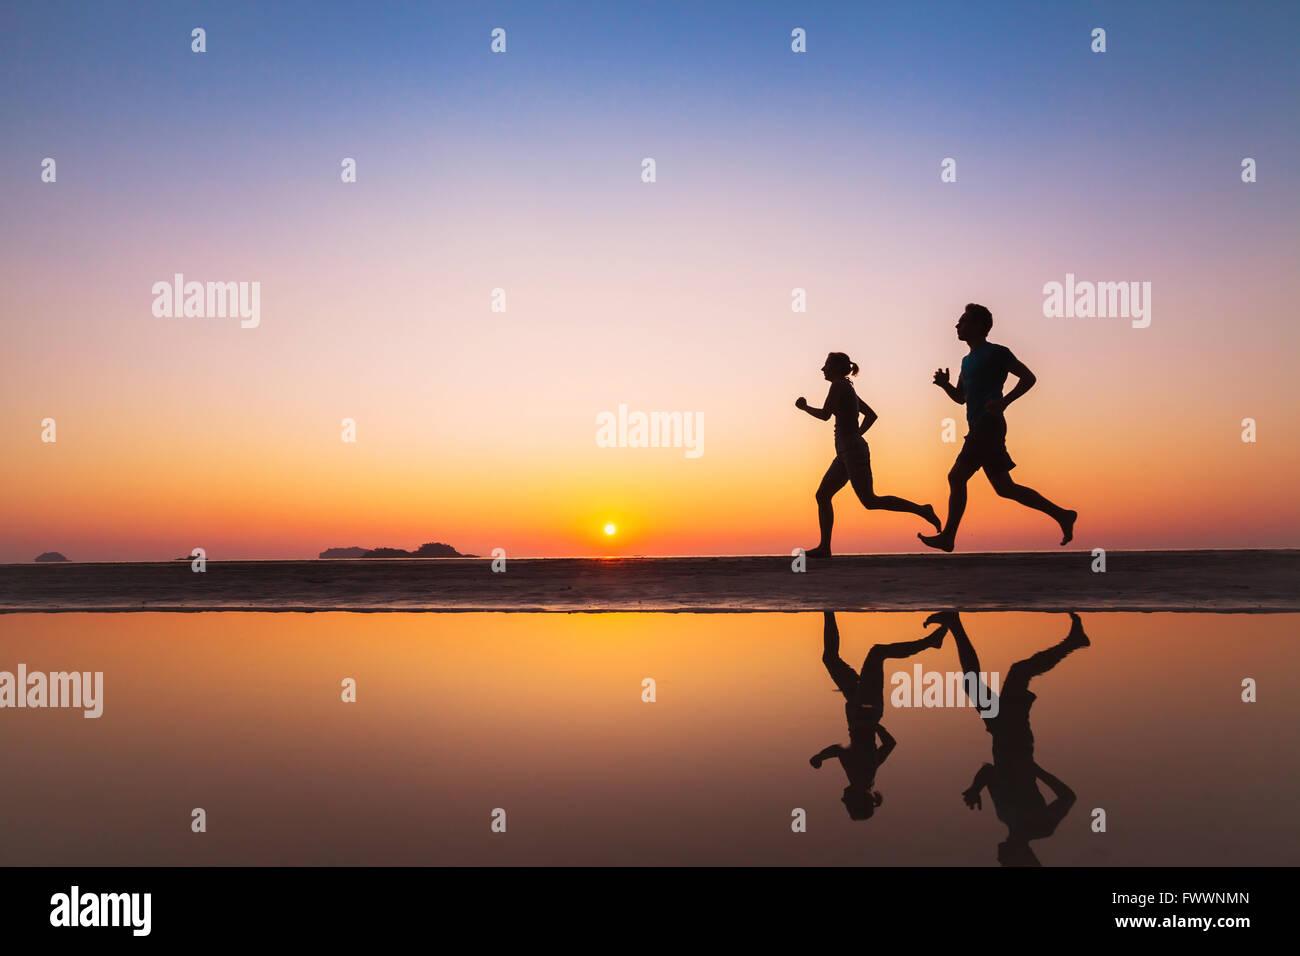 Entrenar, siluetas de dos corredores en la playa al anochecer, deporte y vida sana antecedentes Imagen De Stock